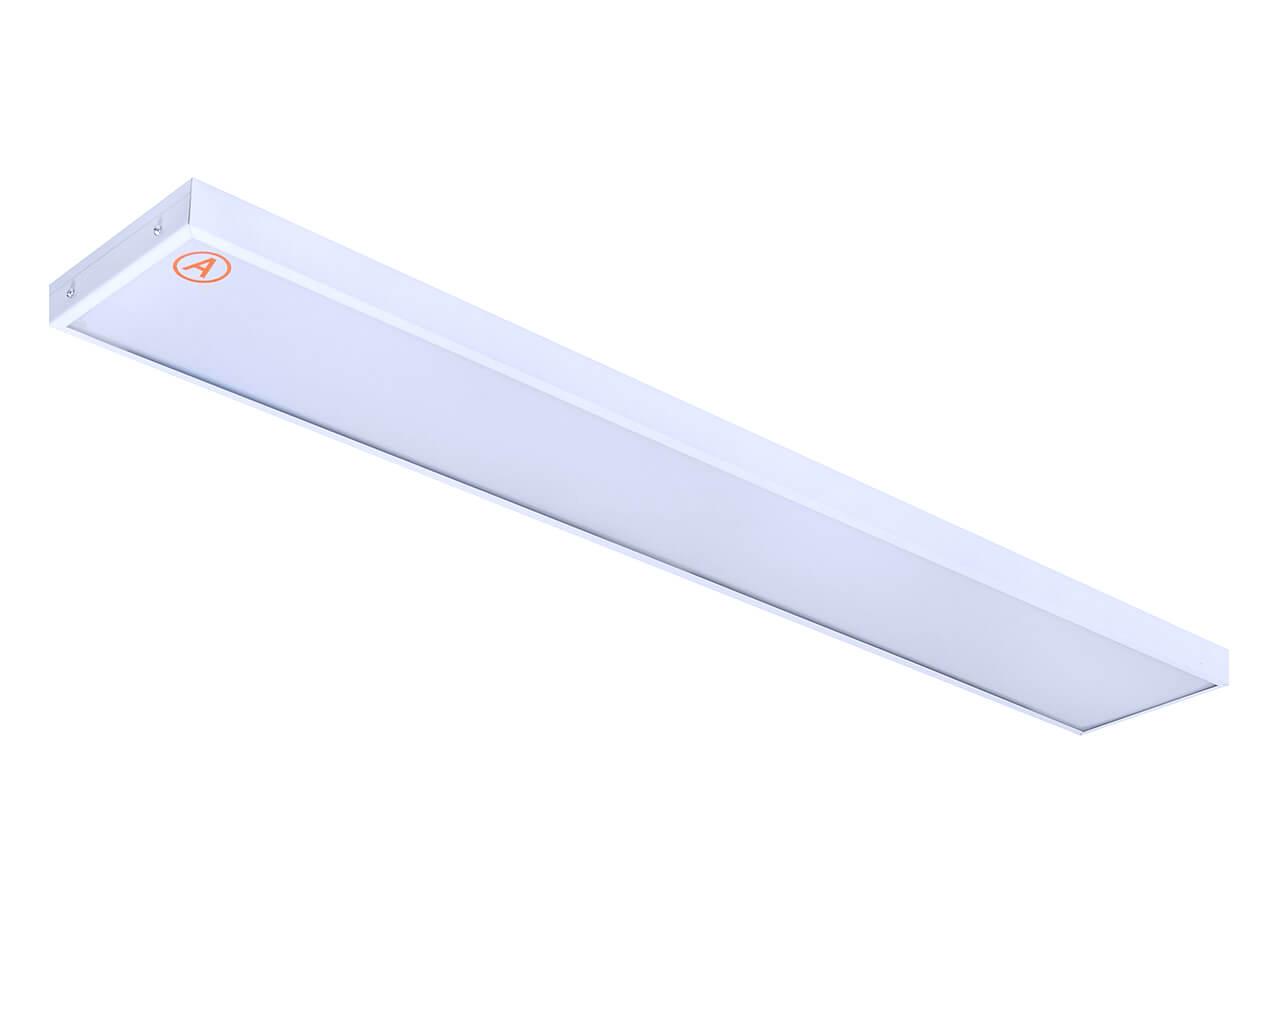 Накладной светильник LC-NS-80-OP-DW ватт 1195x180 Теплый белый Опал с Бап